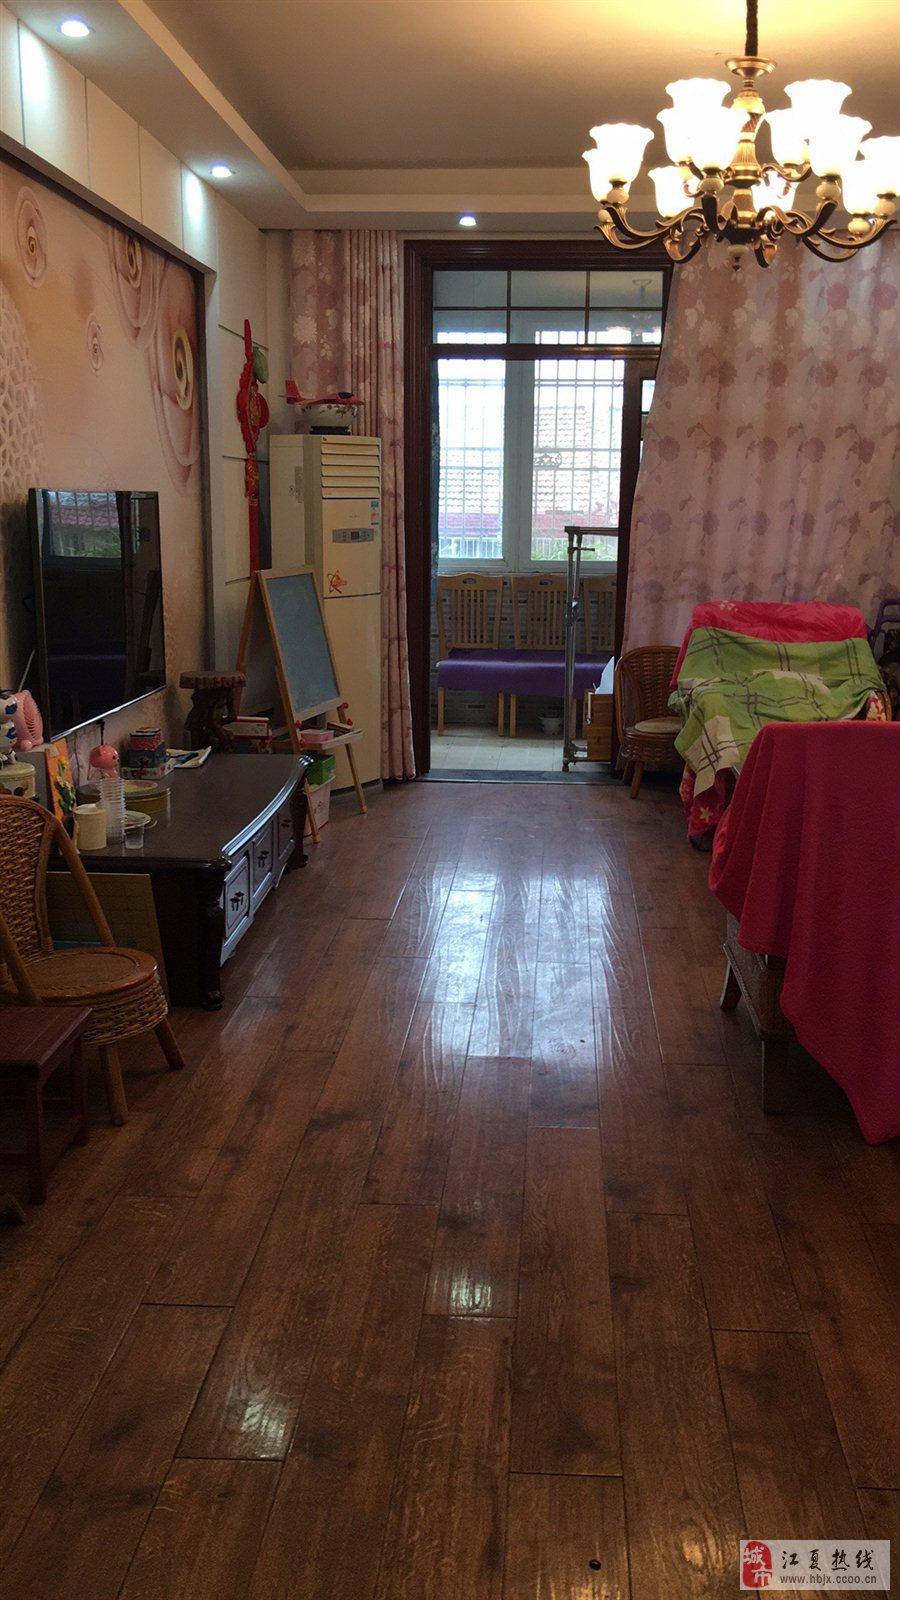 東湖路鑫誠源小區2室2廳113平米簡裝80萬元